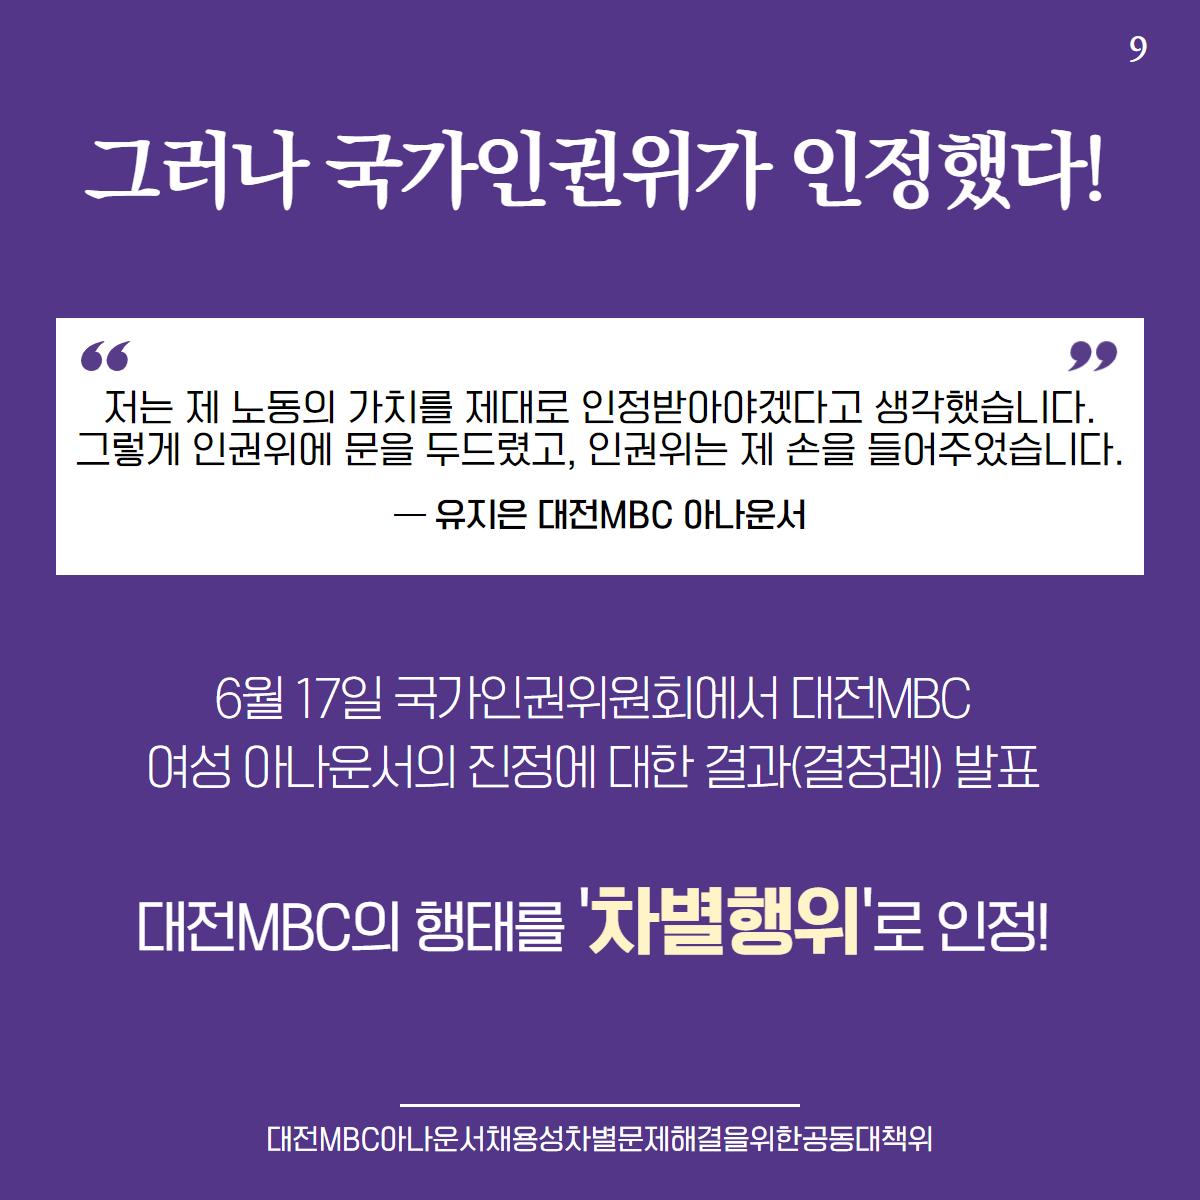 대전MBC_인권위결정1-9.png